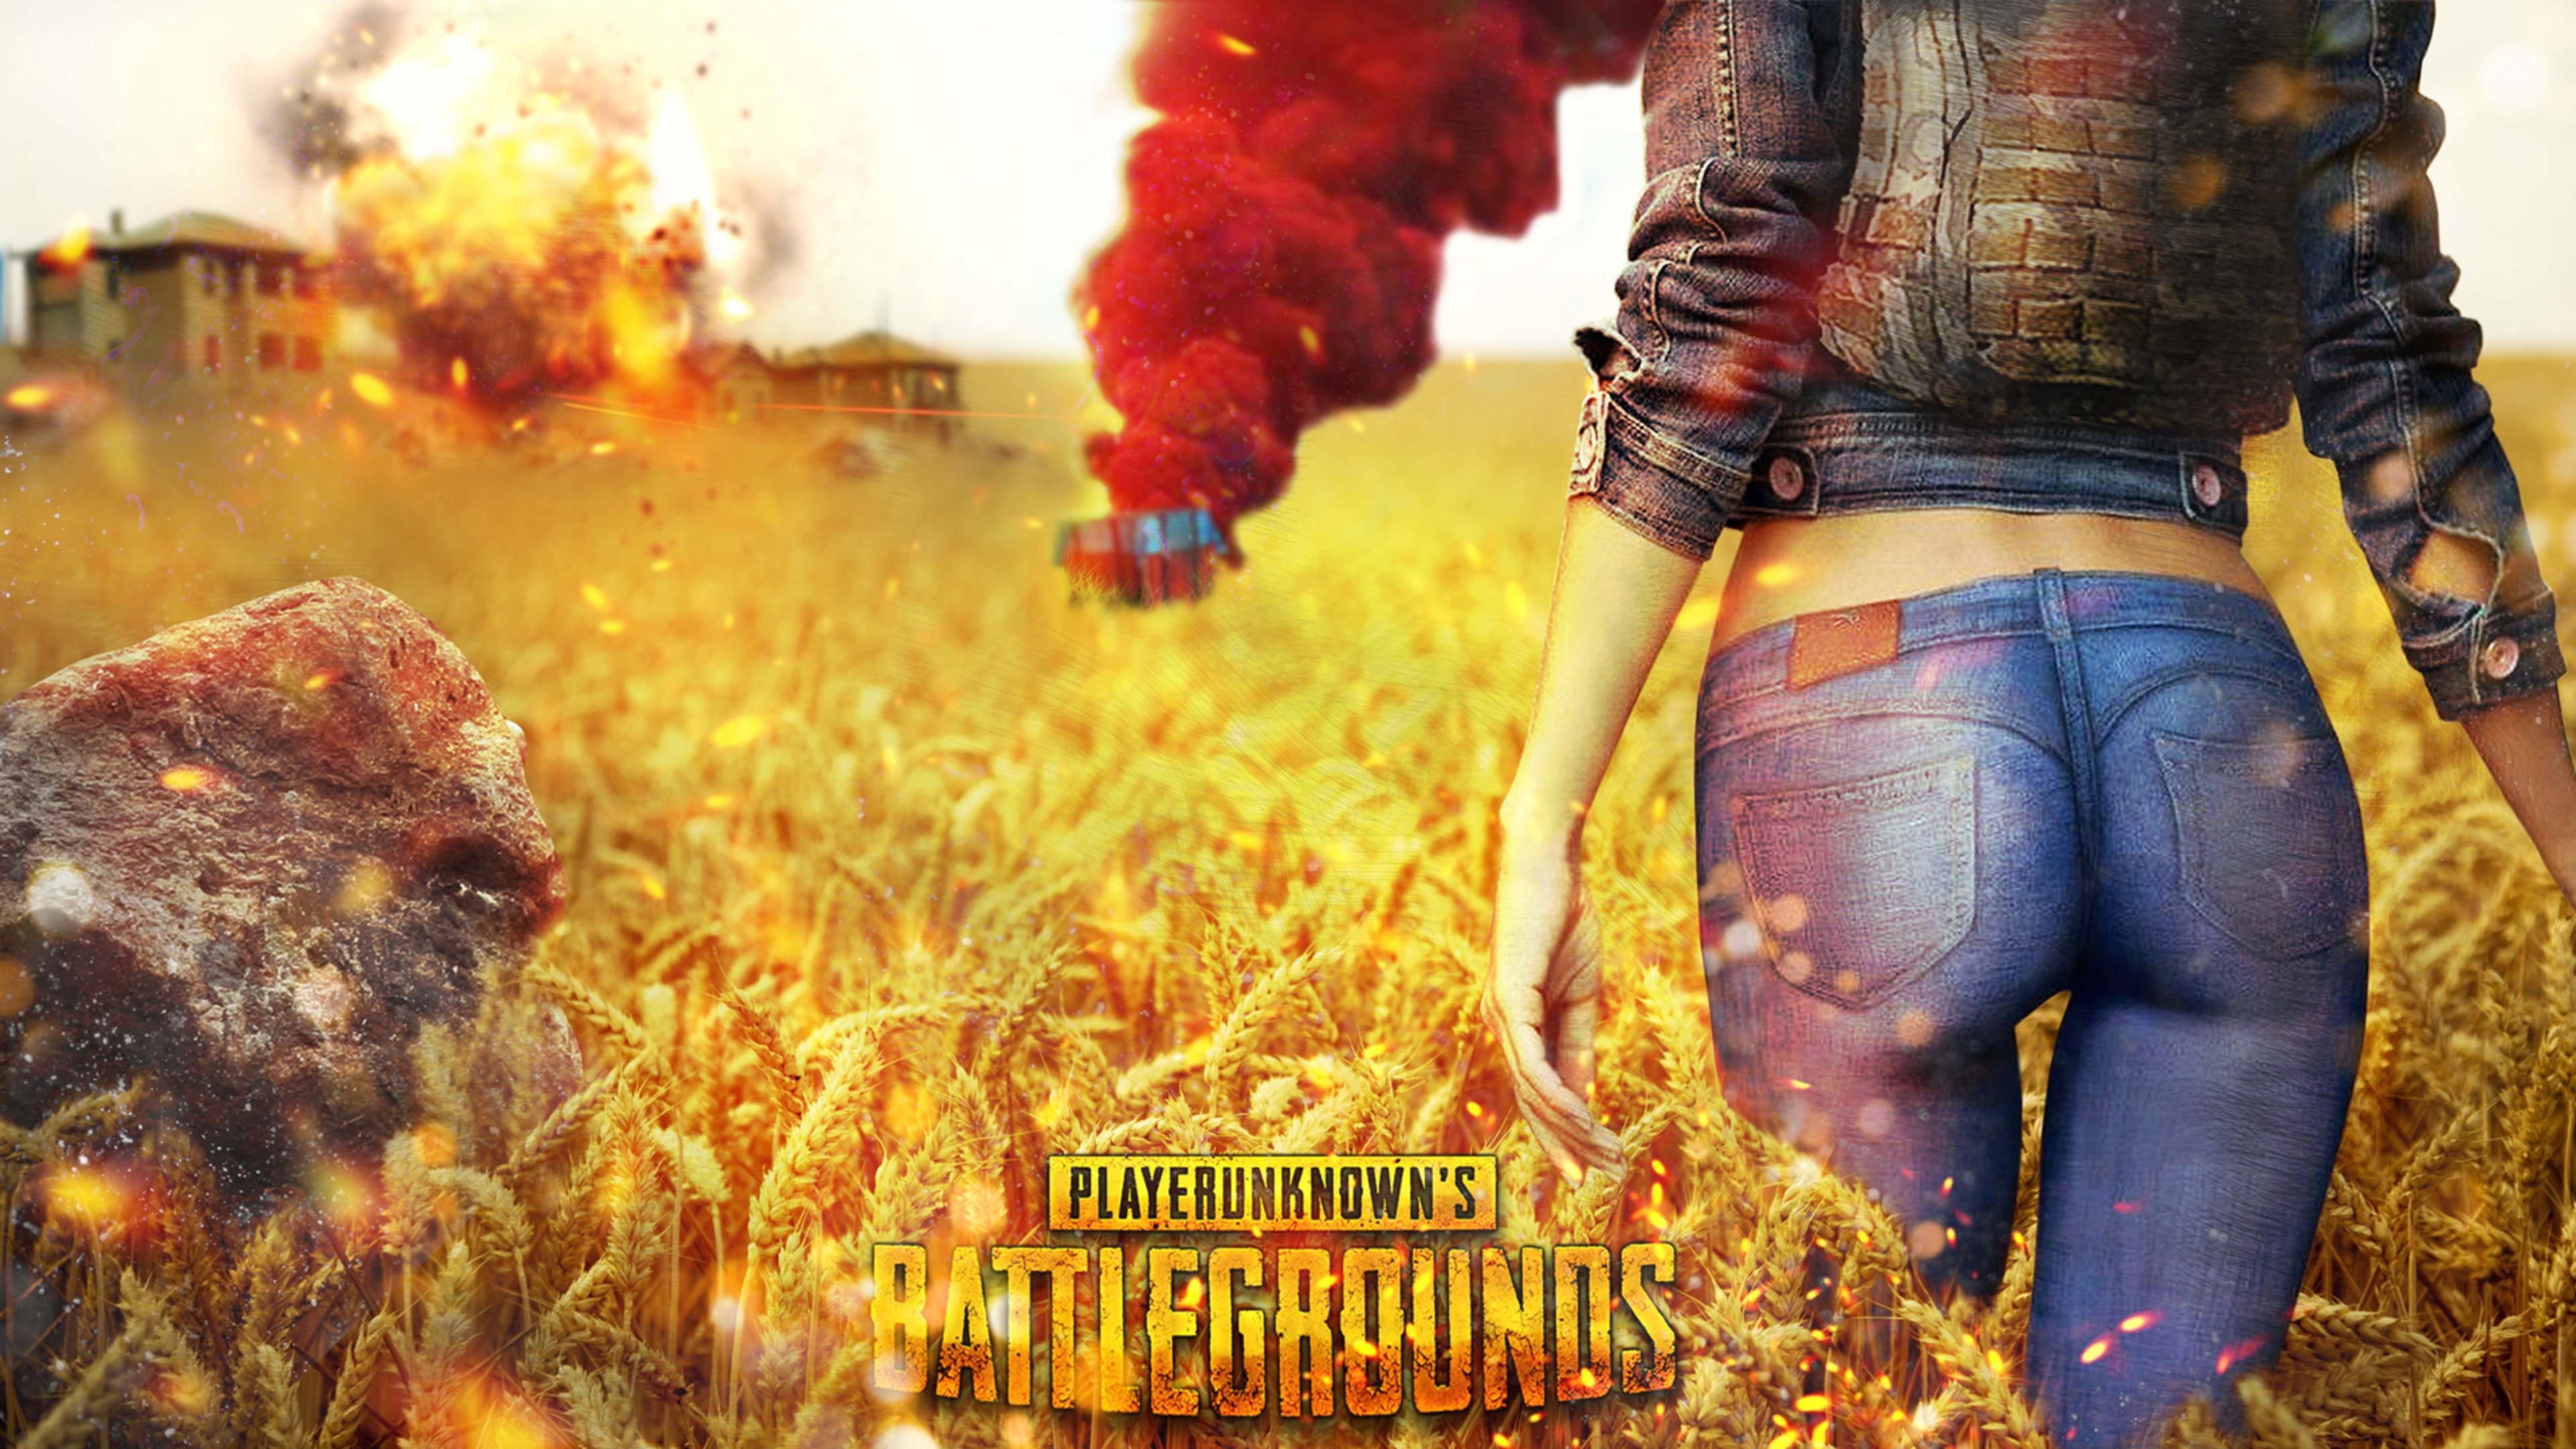 Pubg Dual Monitor Wallpaper  Playerunknowns Battlegrounds Pubg Cover 4k Wallpaper